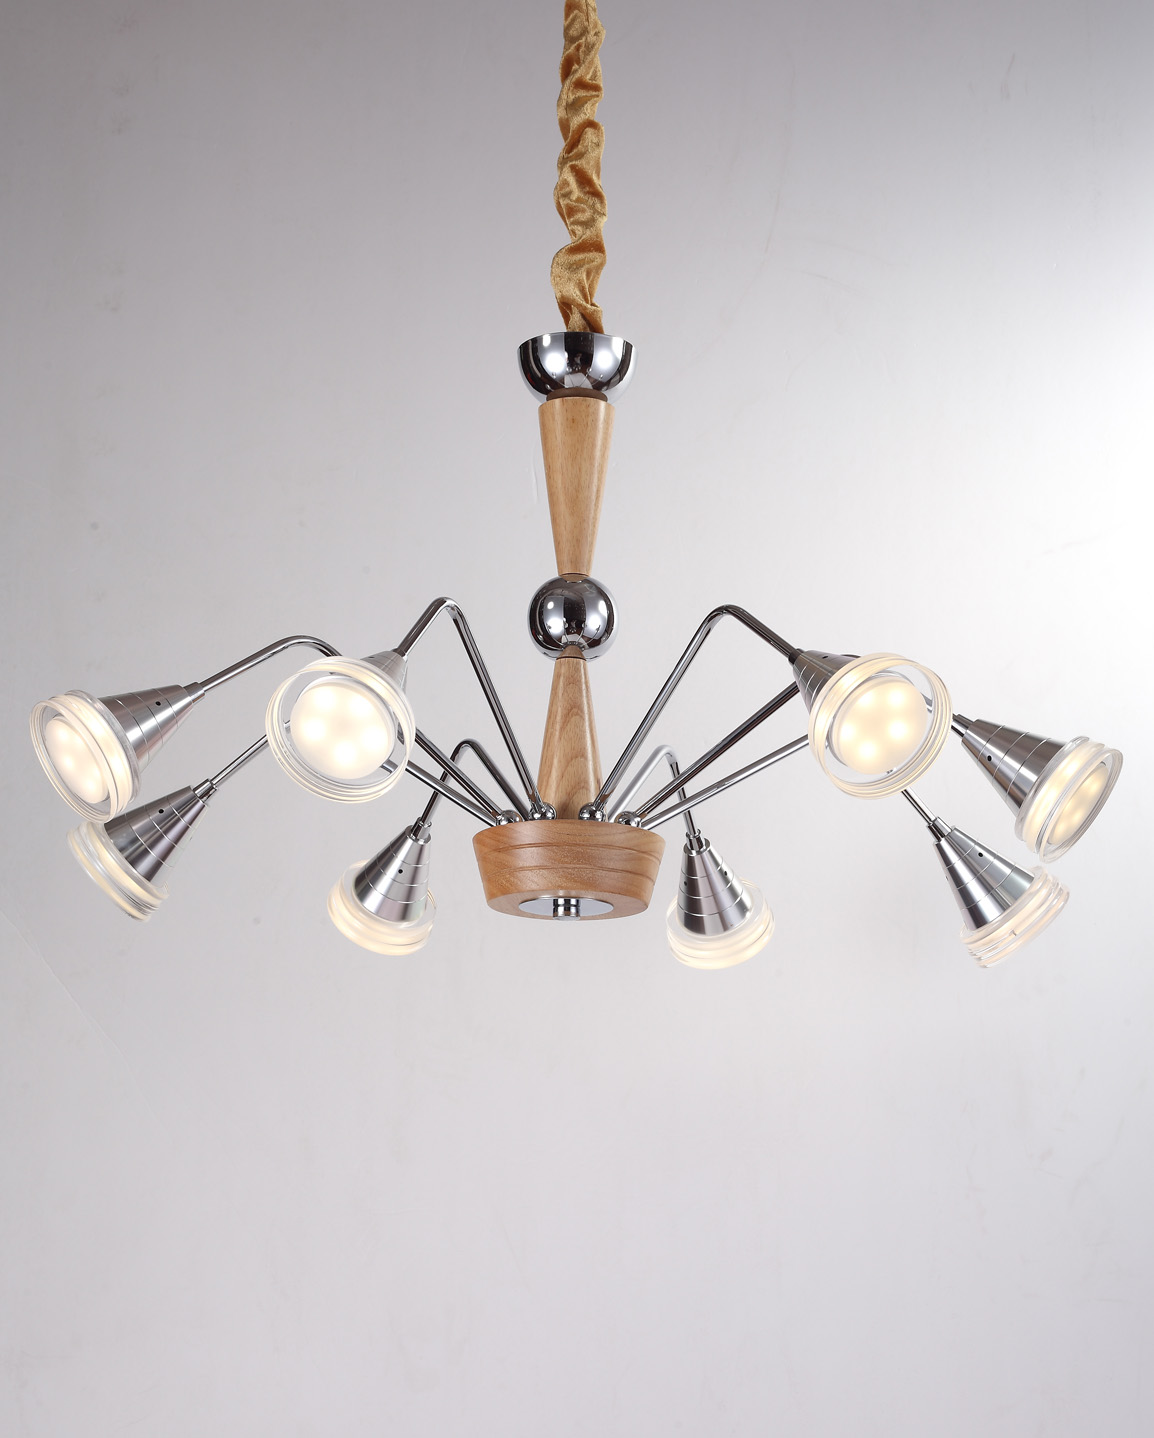 Люстра NaturaЛюстры подвесные<br>&amp;lt;div&amp;gt;Вид цоколя: LED&amp;lt;/div&amp;gt;&amp;lt;div&amp;gt;Мощность: &amp;amp;nbsp;5W&amp;amp;nbsp;&amp;lt;/div&amp;gt;&amp;lt;div&amp;gt;Количество ламп: 8&amp;lt;/div&amp;gt;<br><br>Material: Дерево<br>Высота см: 79